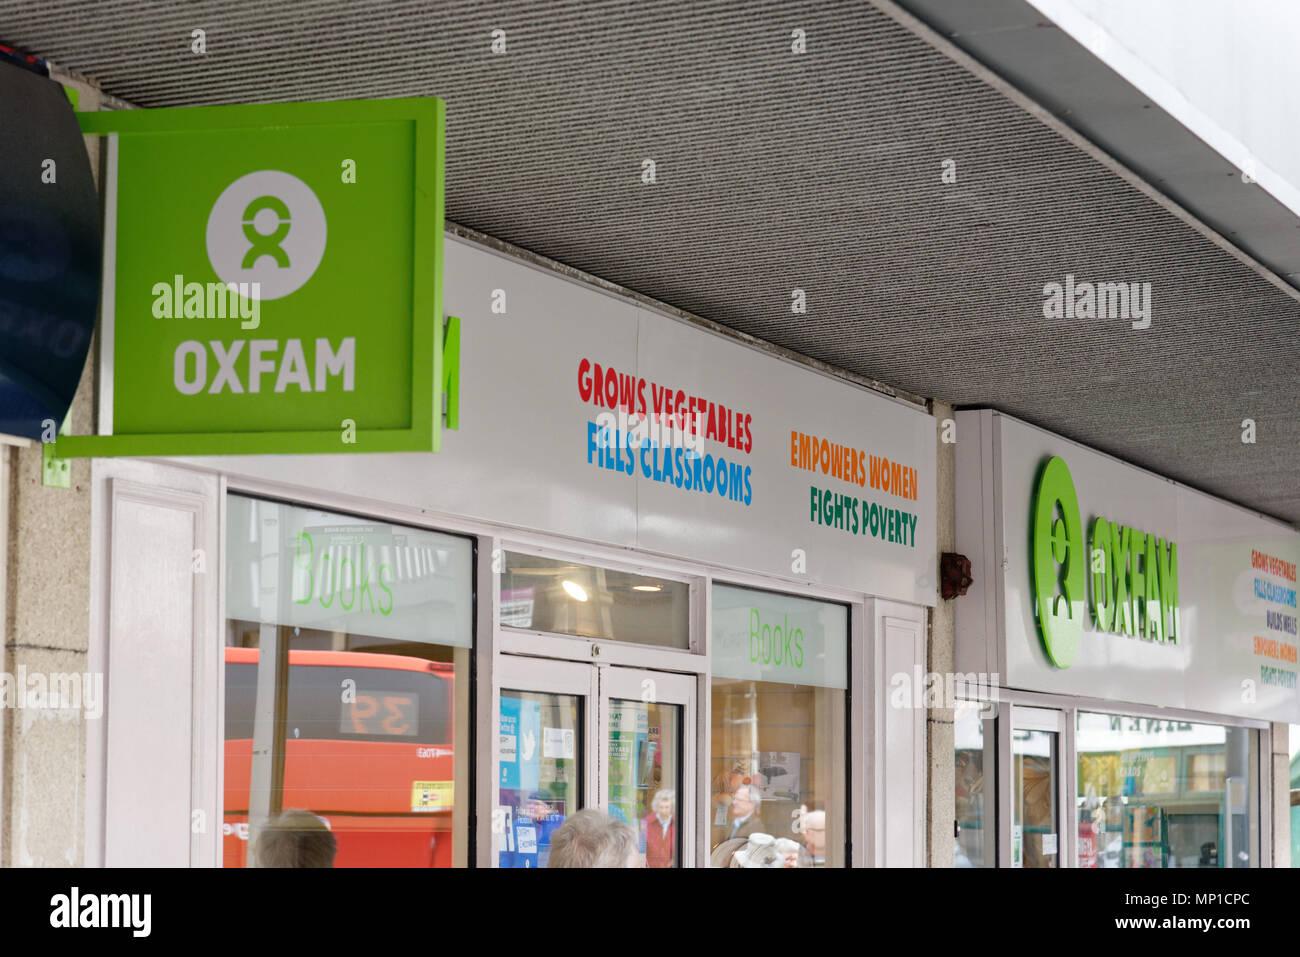 """Oxfam shop avant, avec les slogans """"habilite les femmes"""", """"Lutte contre la pauvreté', 'cultive des légumes' et 'classe' remplit Photo Stock"""